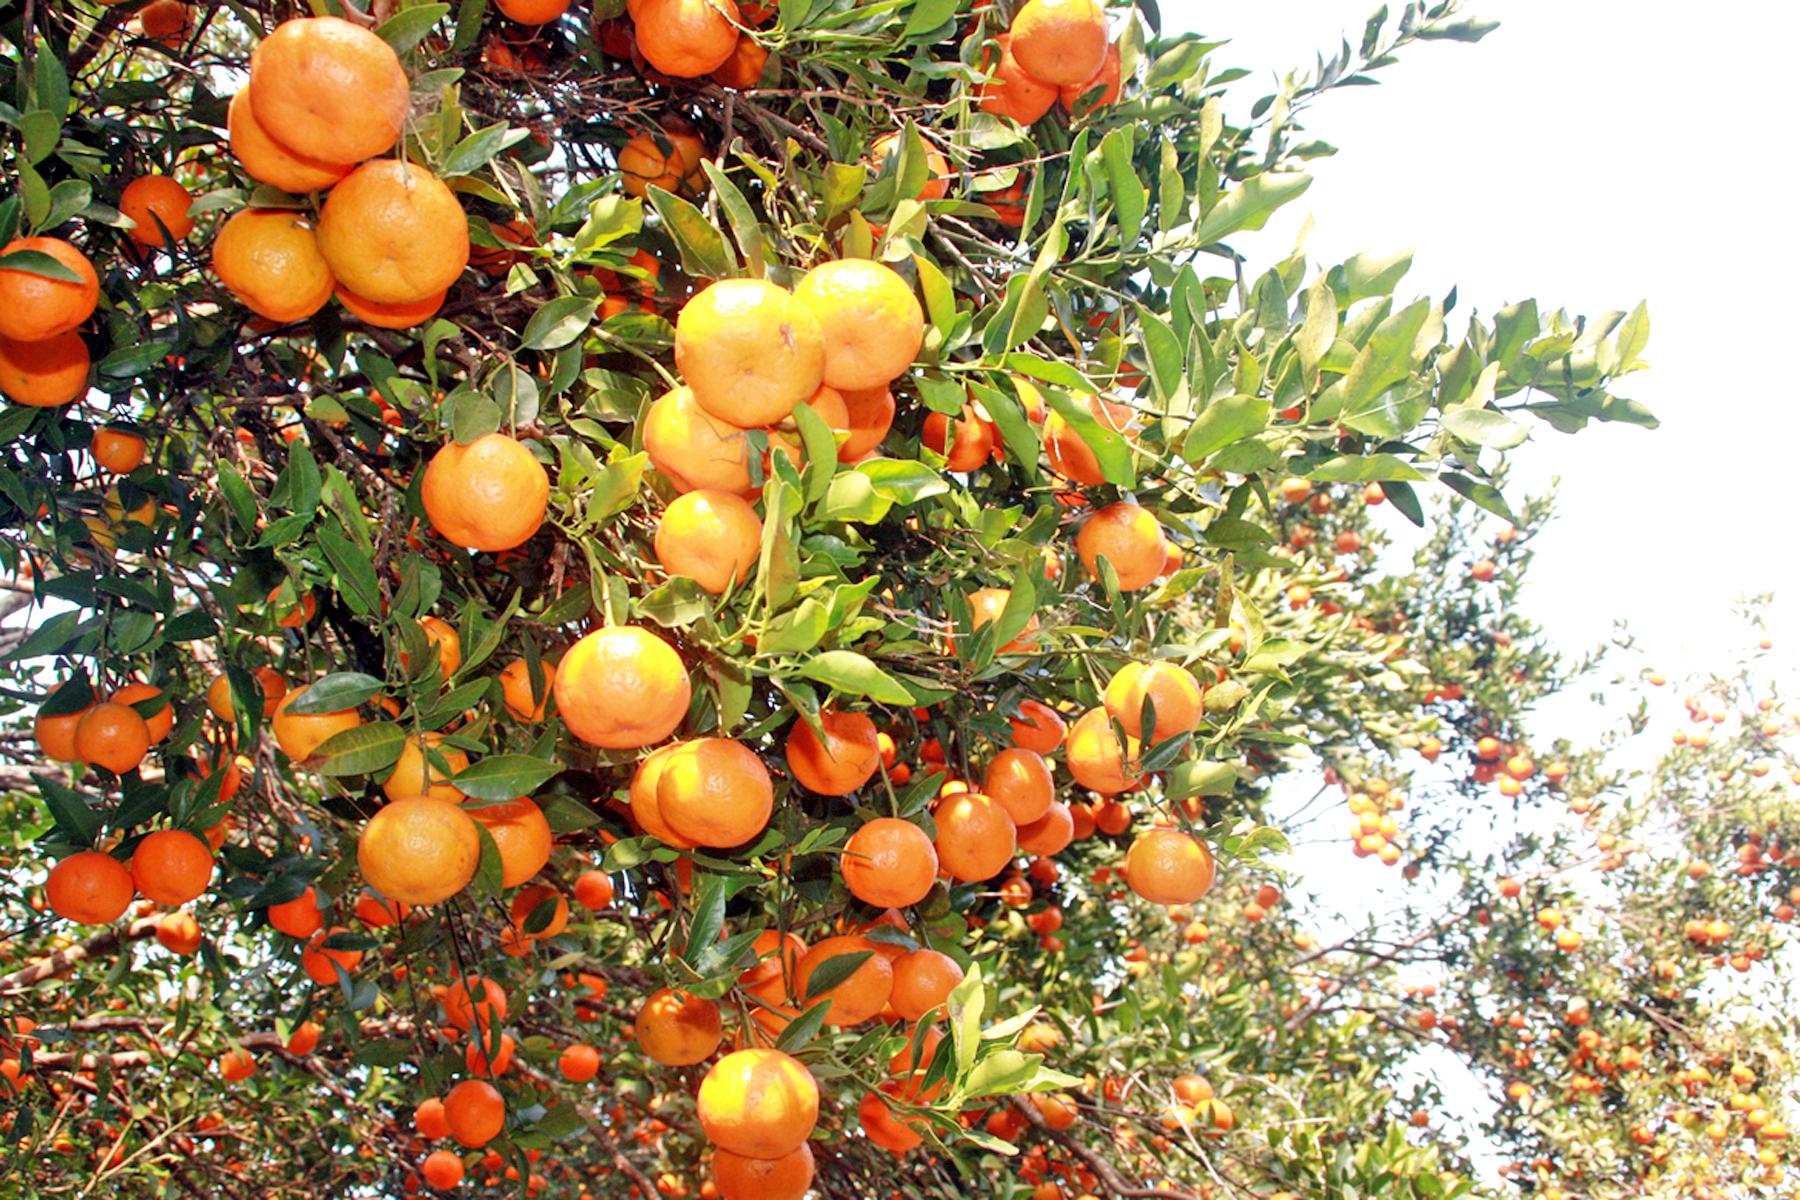 मासिँदै छ सुन्तलाः सरकारी क्षेत्रले चासो नदिँदा चिन्तित छन् किसान